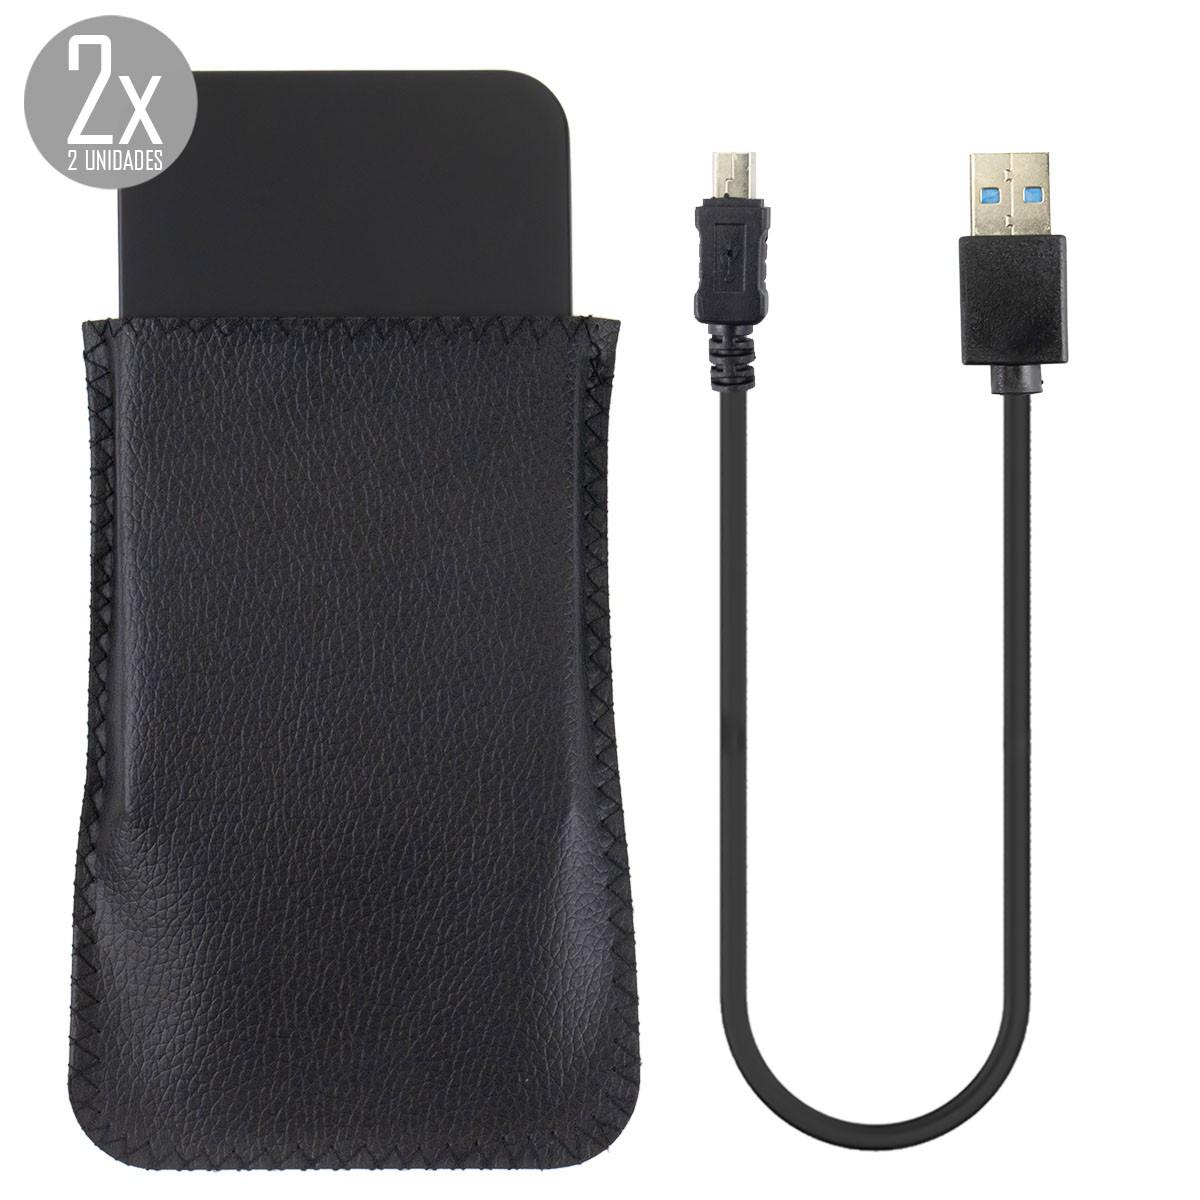 KIT 2x Case para HD de Notebook 2,5